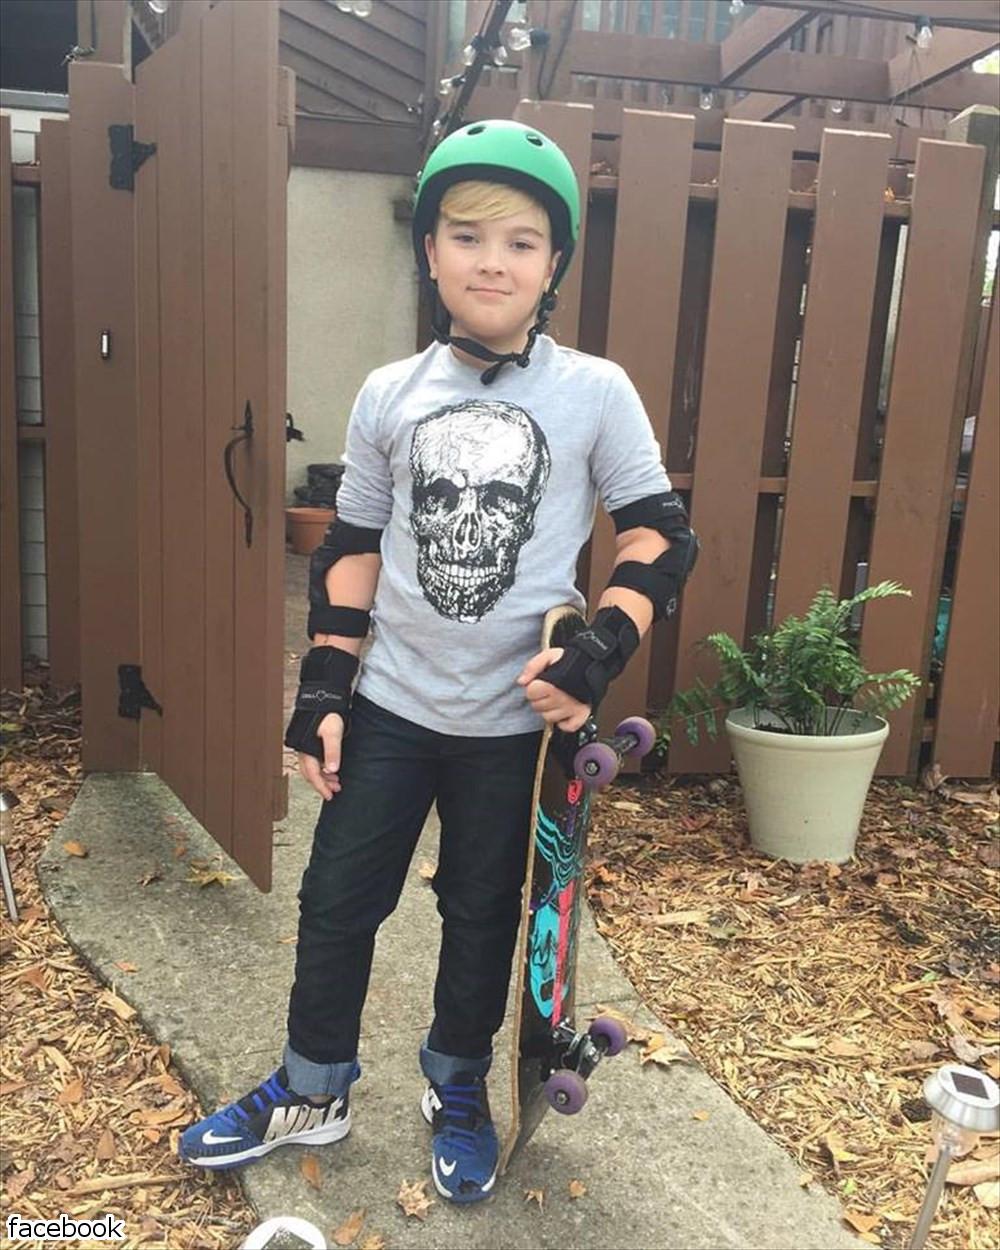 ネットで出回ったあの画像の男の子、現在10歳に成長し、父の命まで救っていた